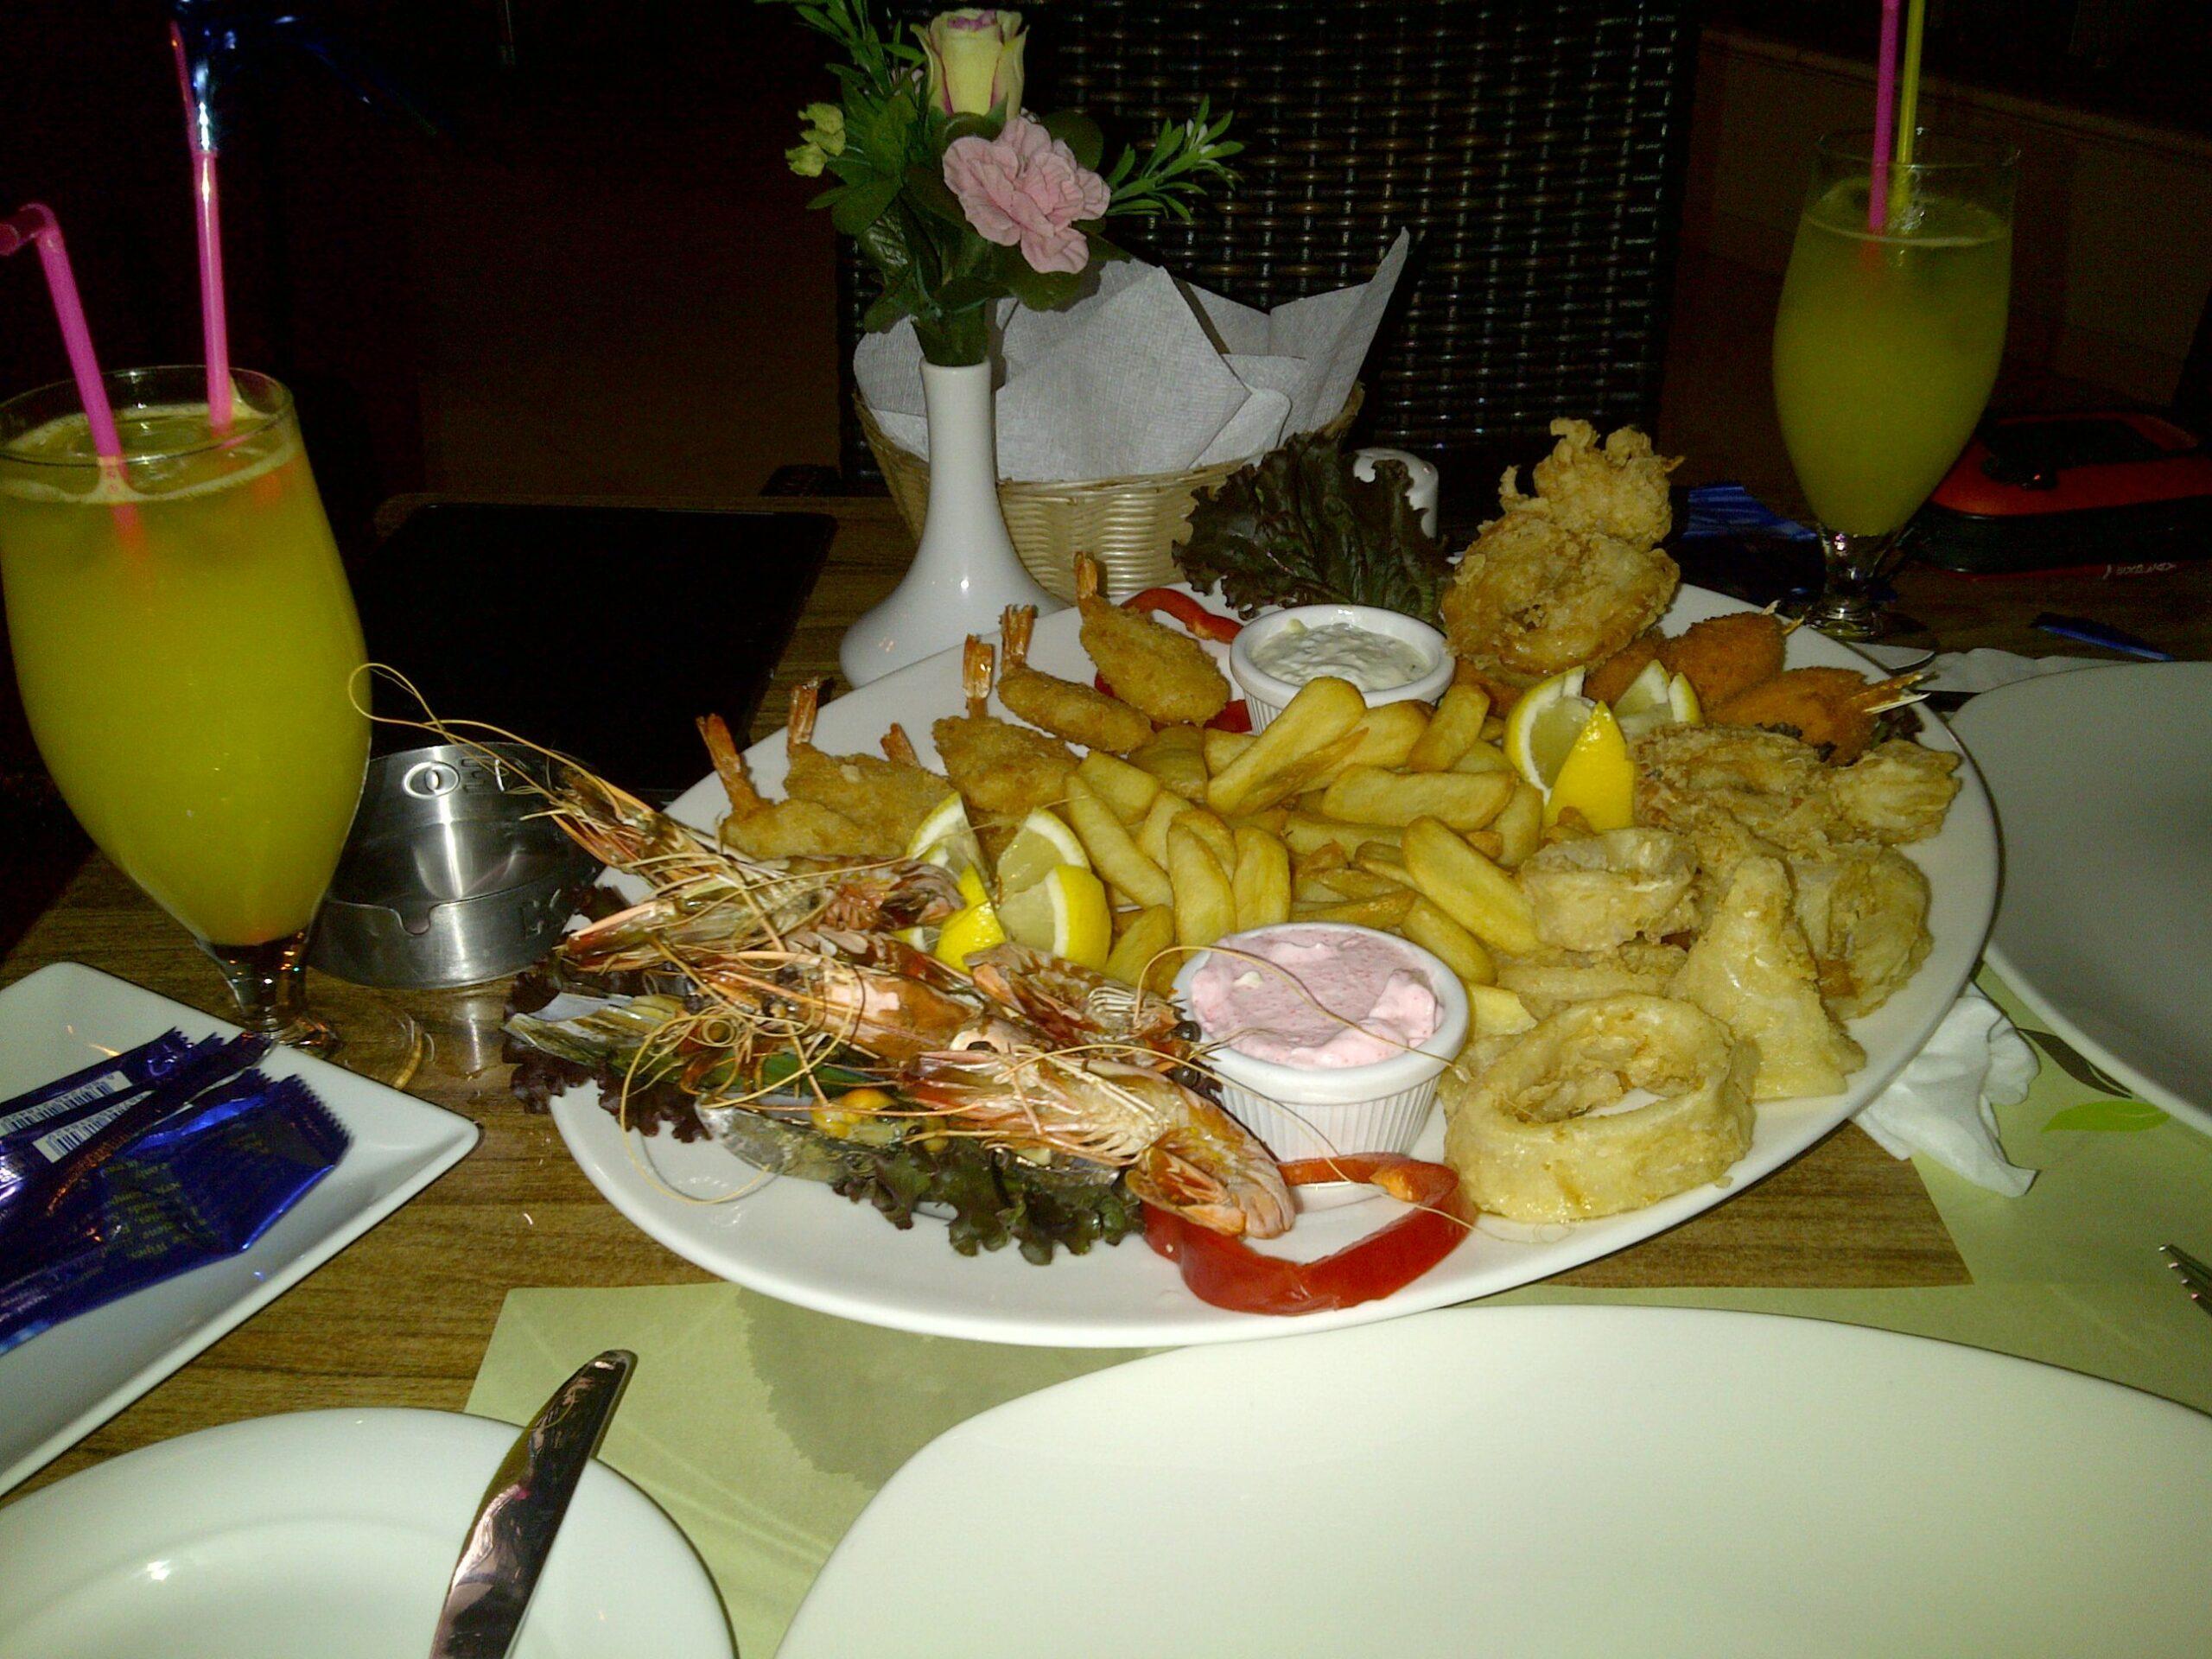 рыбная тарелка 24 евро на двоих